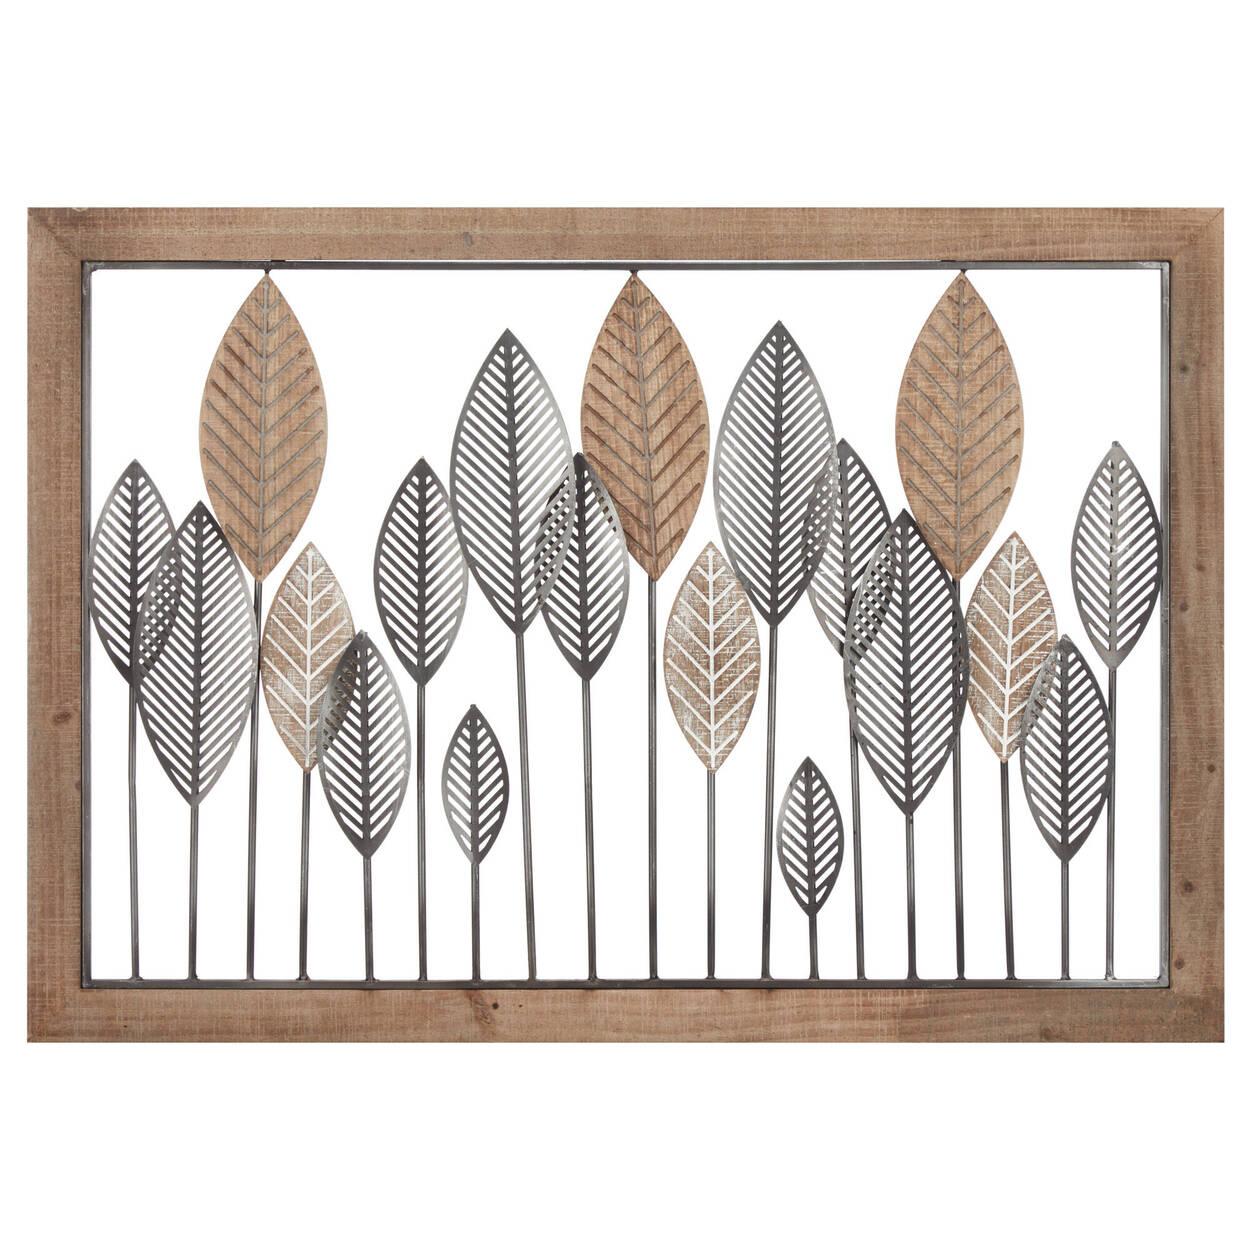 Art mural encadrés de feuilles en métal et bois